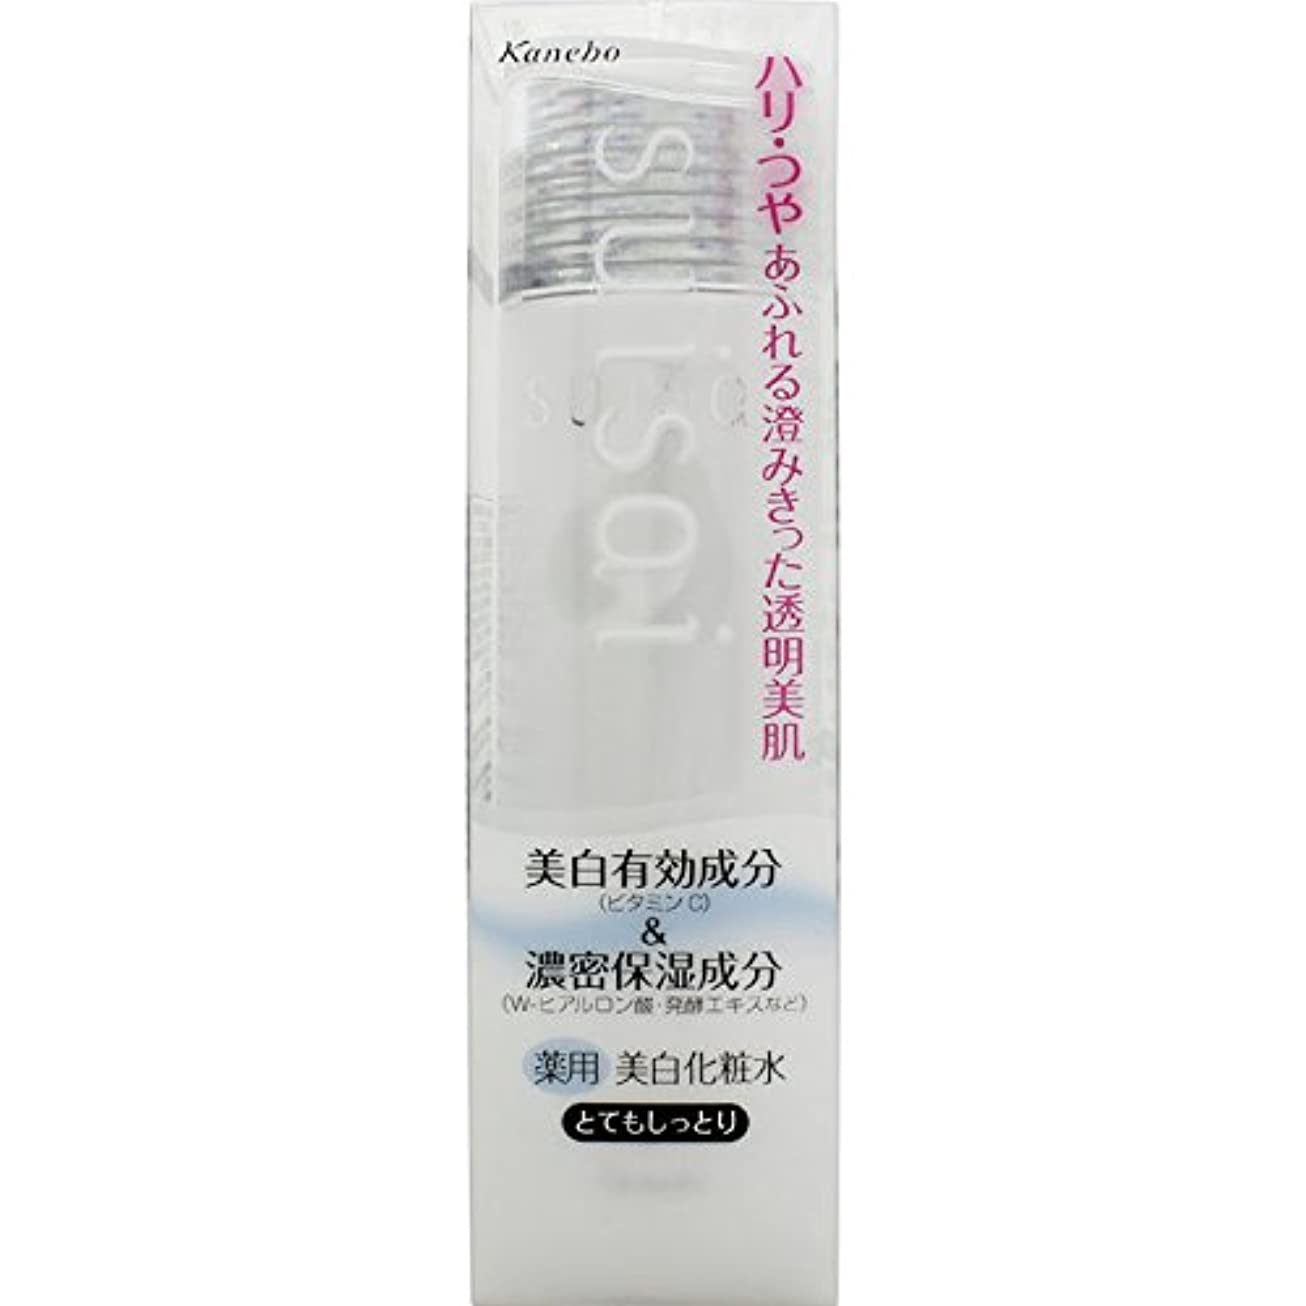 真面目な講堂ビームカネボウ suisai ホワイトニングローションIII 150ml